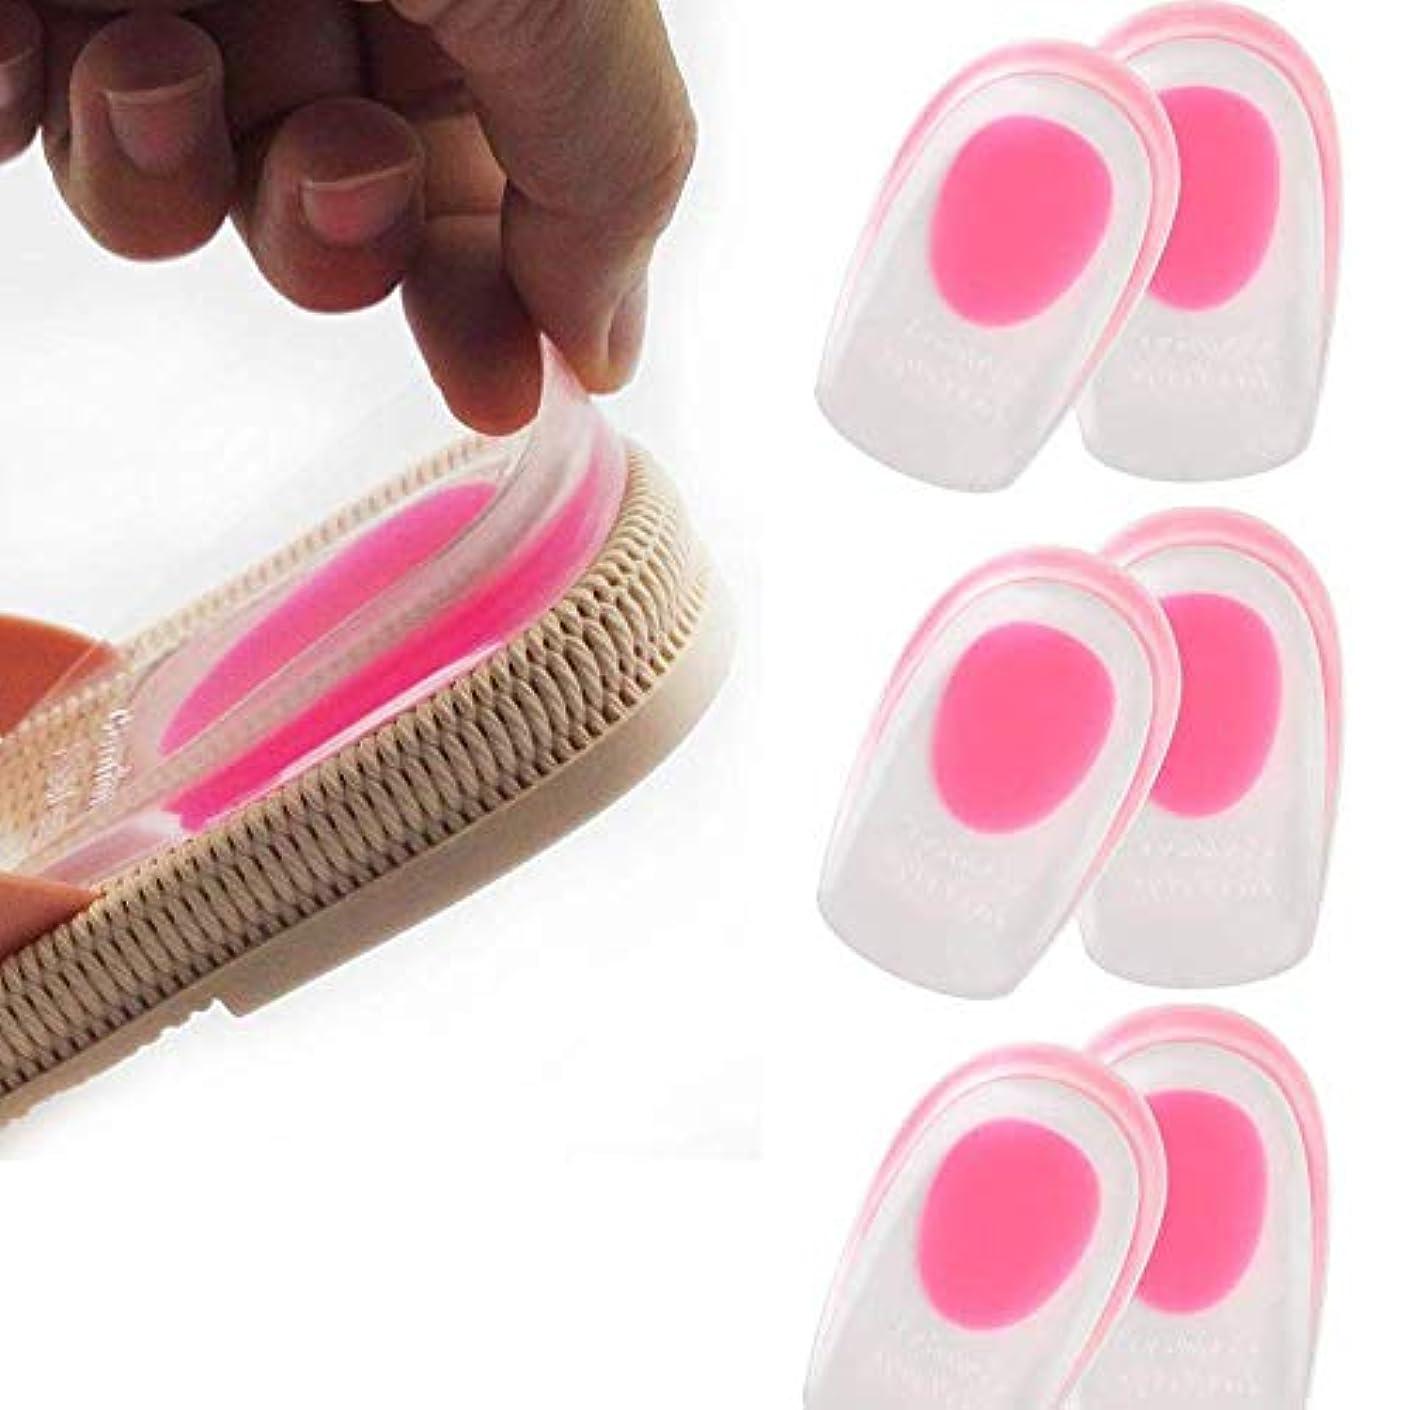 閉塞地上の大胆3ペアシリコーンジェルヒールカップ-整形外科用ジェルヒールパッド、足底筋膜炎、骨棘の痛みの軽減、かかとの痛みの痛み、アキレスの痛みと足のケアのためのヒールリフト靴インソールを挿入します。 (女)